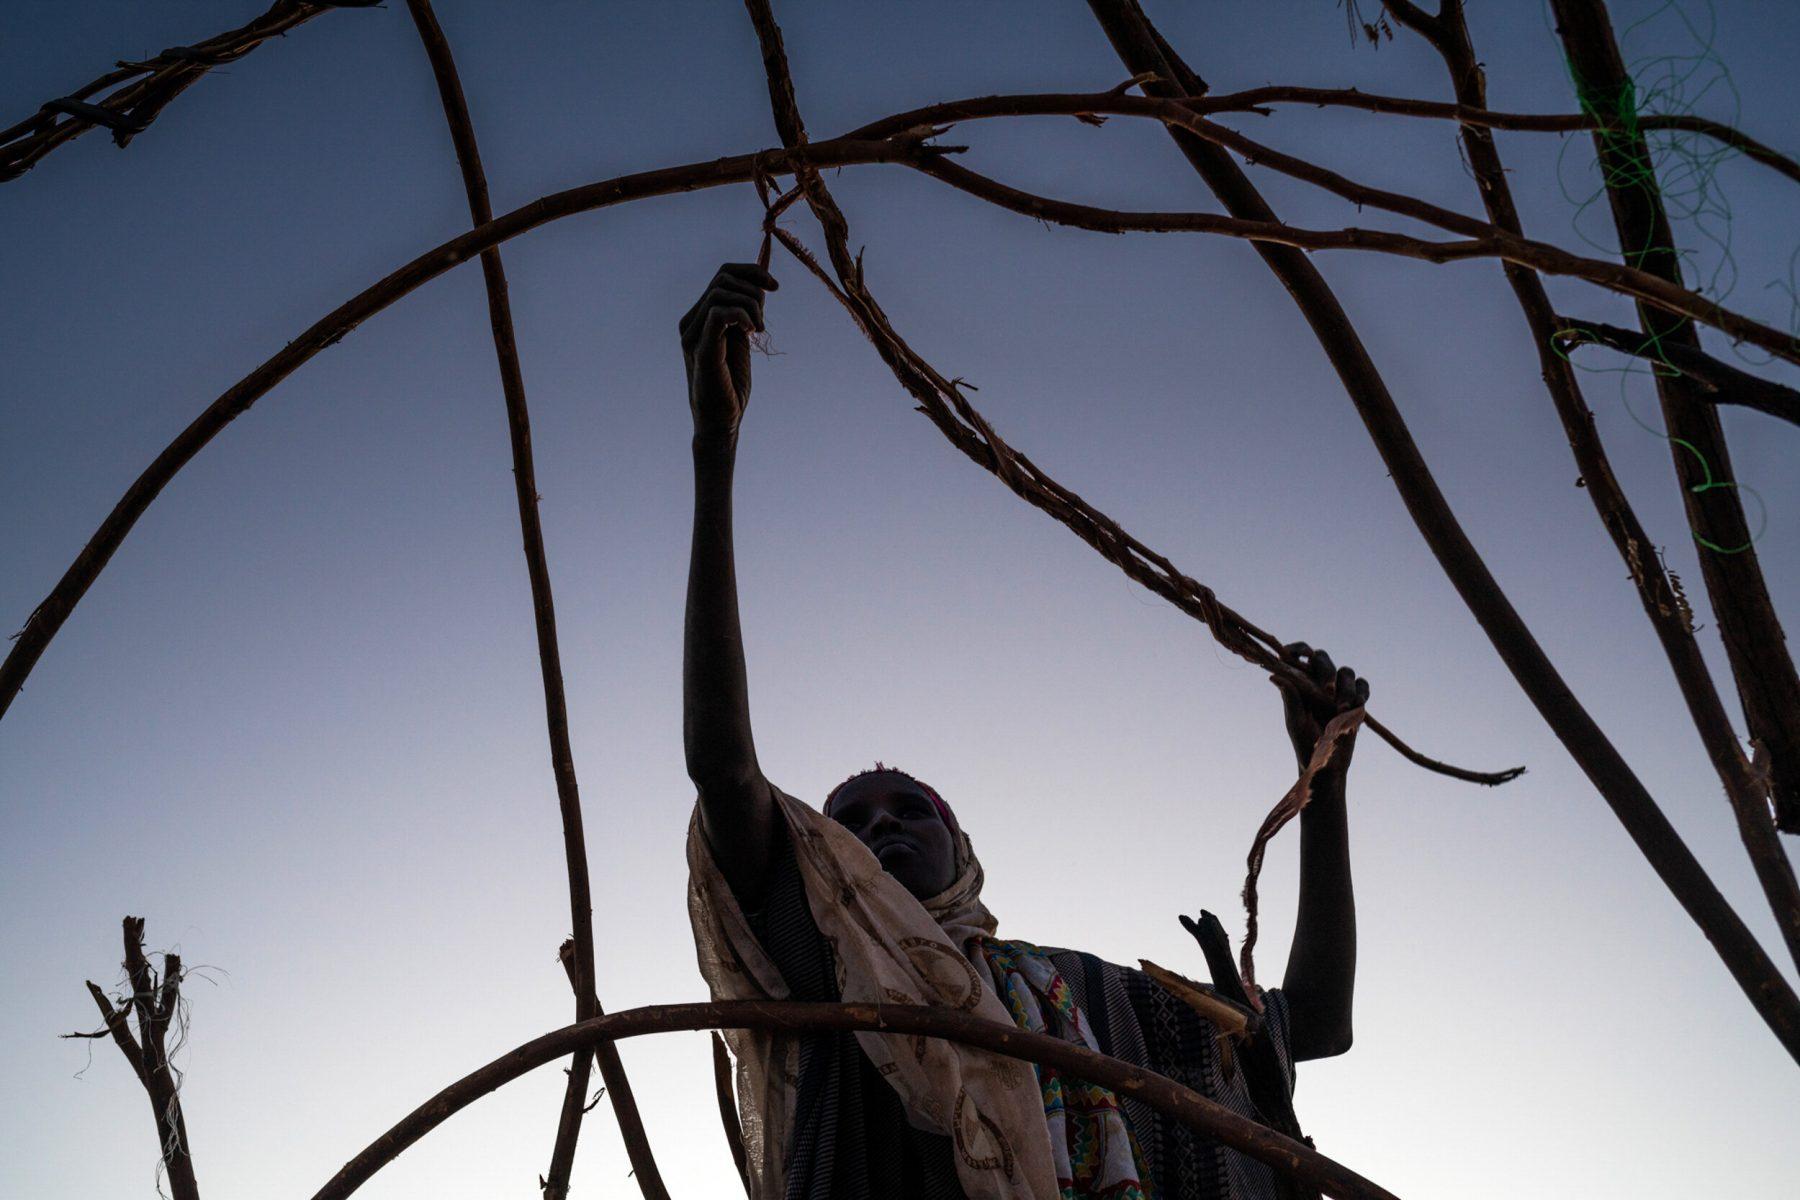 Photo couleur par Nichole Sobecki, femme, Somalie, Somaliland